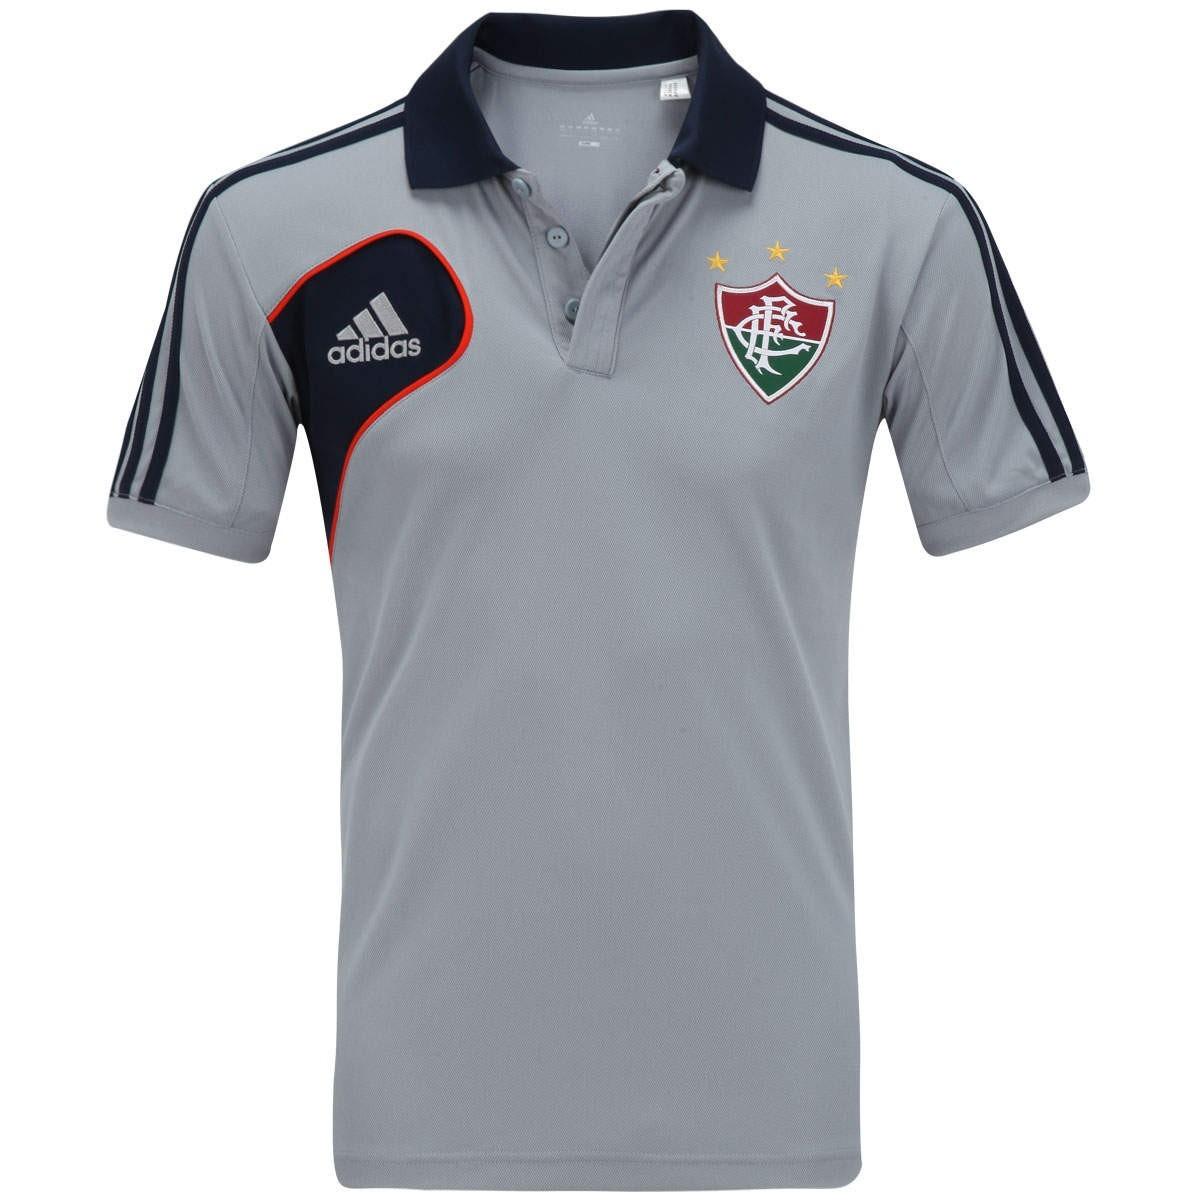 2adf90212bb64 Camisa Polo adidas Fluminense Viagem Original De 199